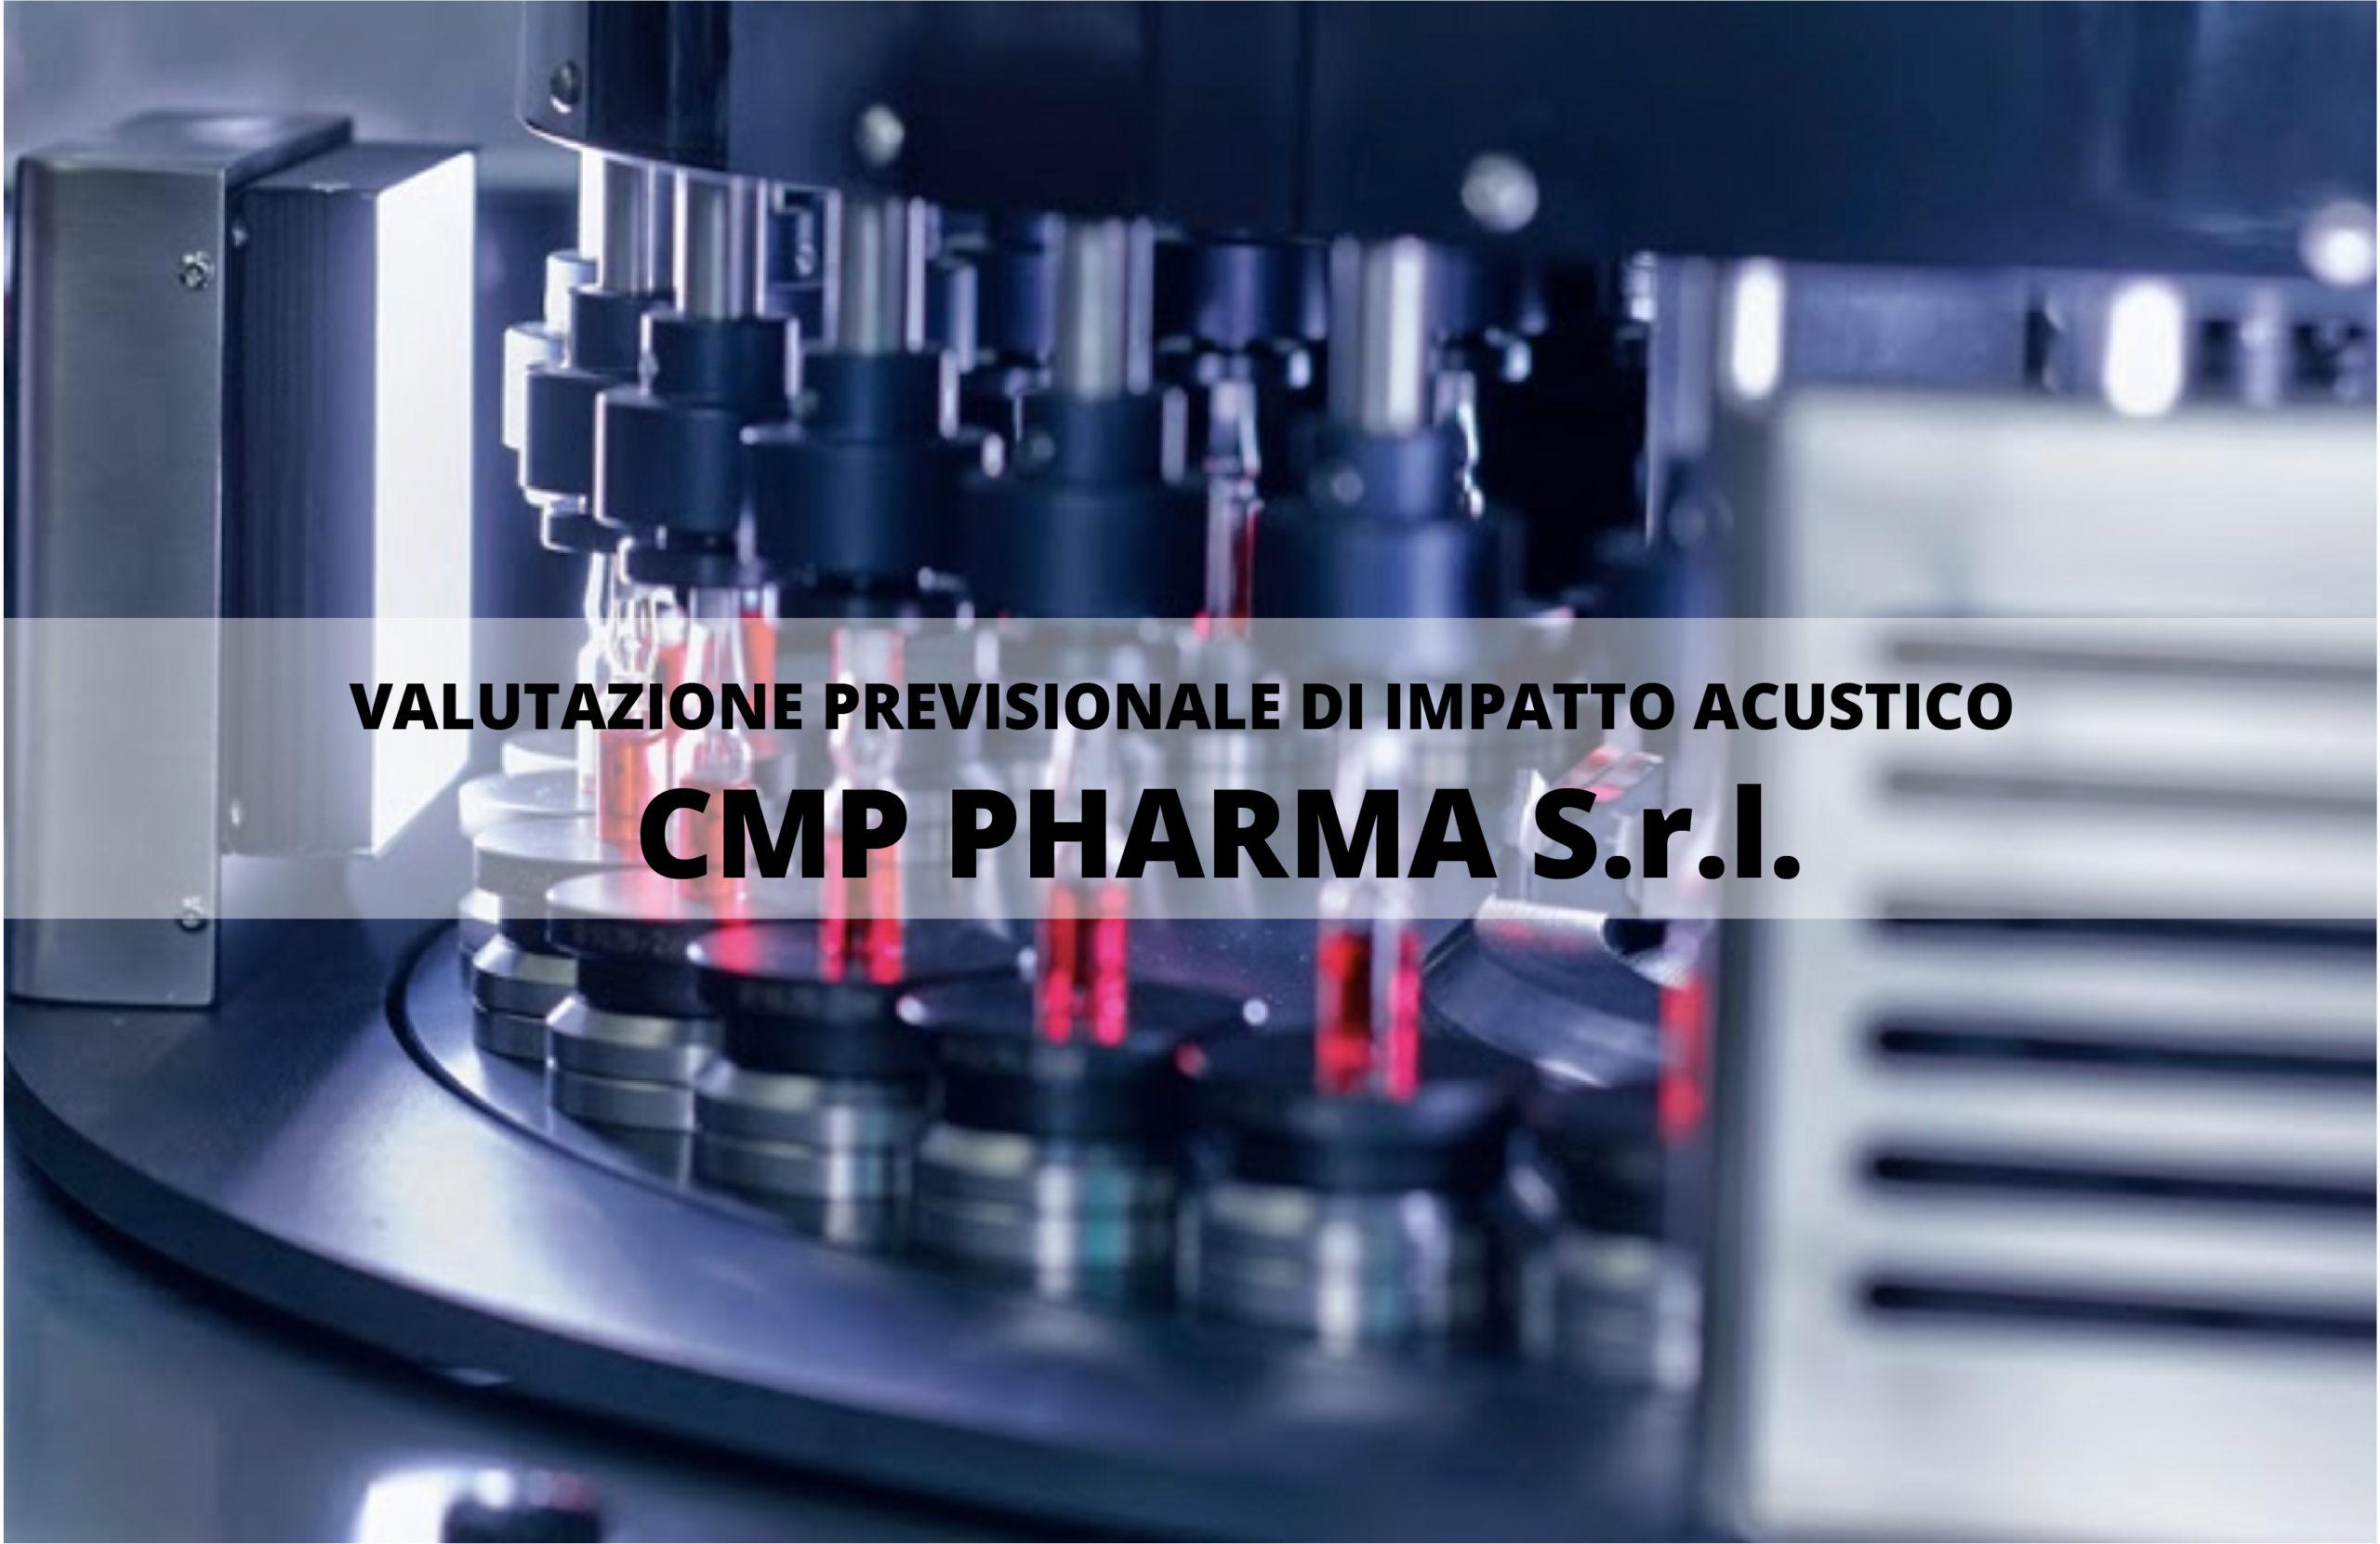 CMP Pharma S.r.l.